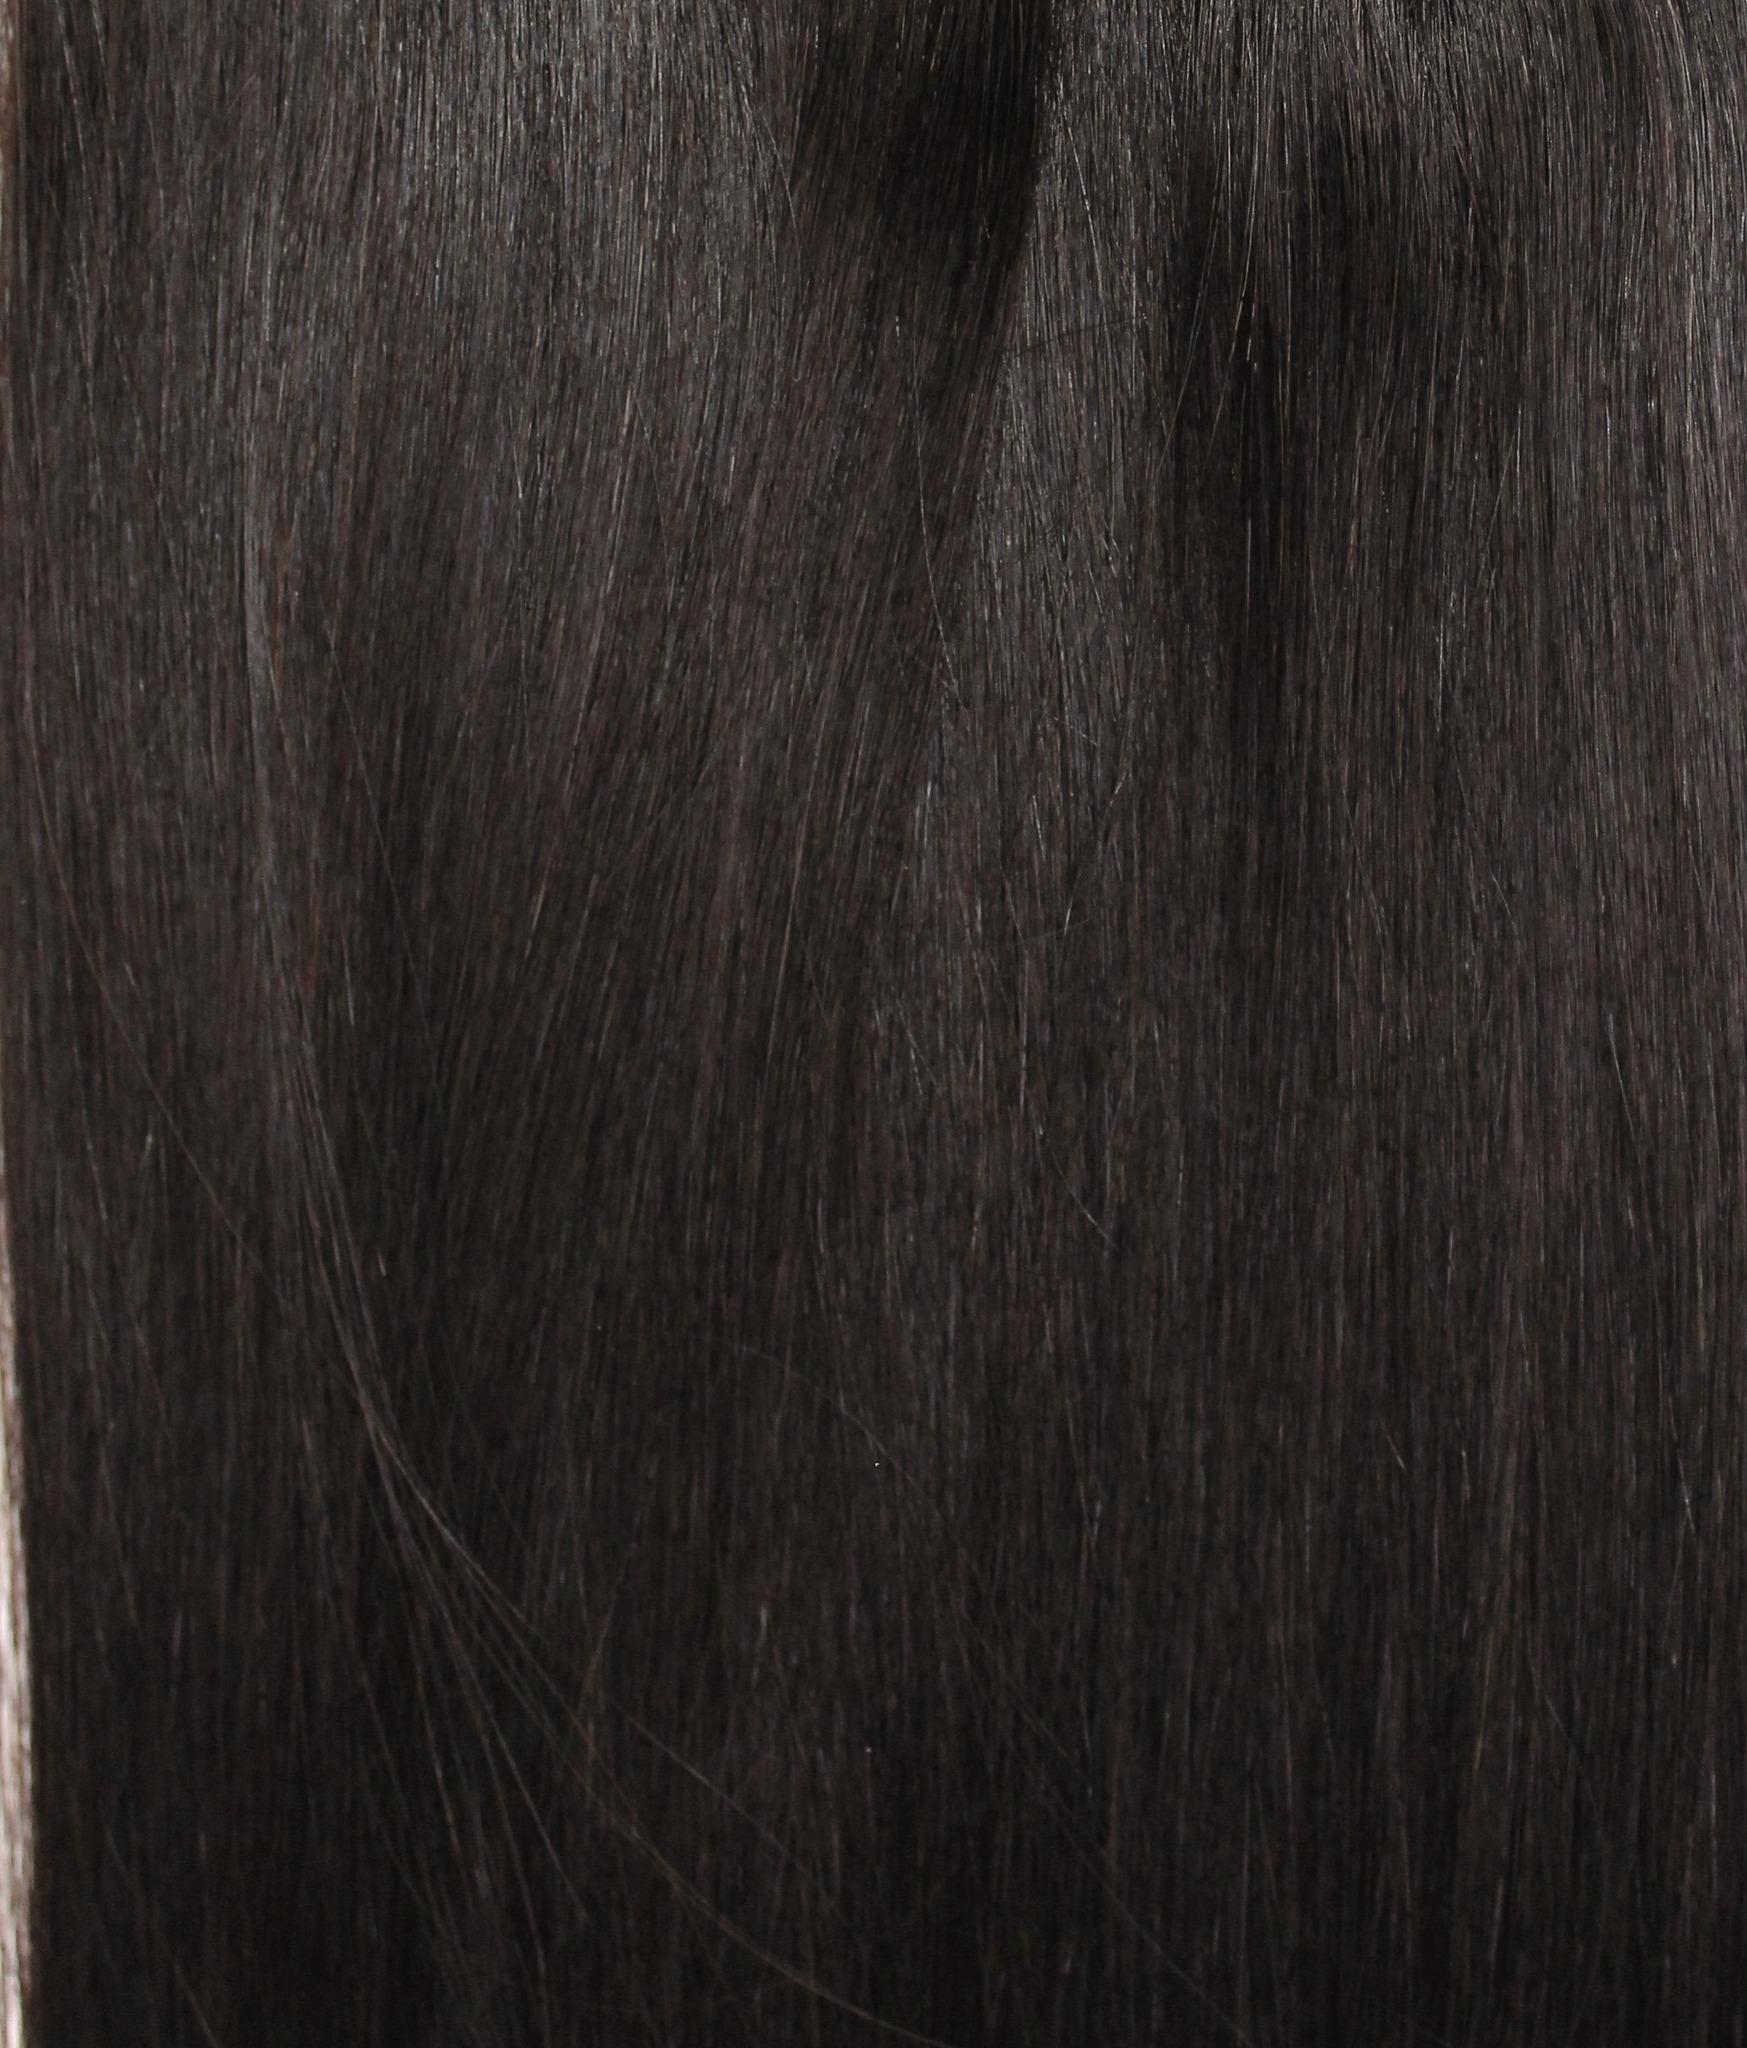 Длина 45 см -Оттенок 1B-Темно коричневый с черным отливом